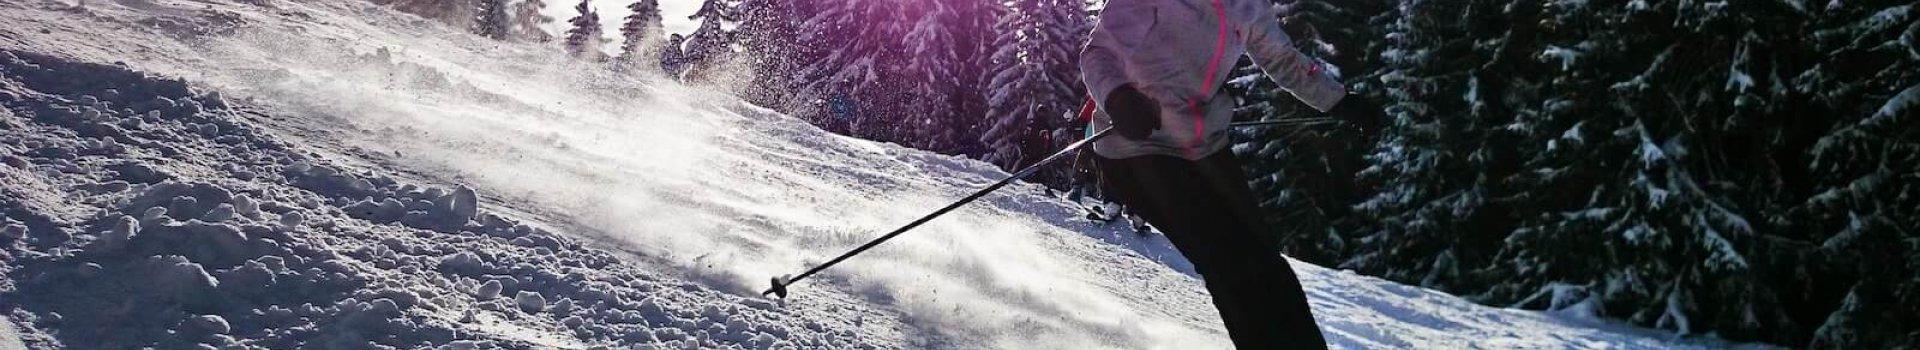 Dlaczego warto zainwestować w polar na narty?